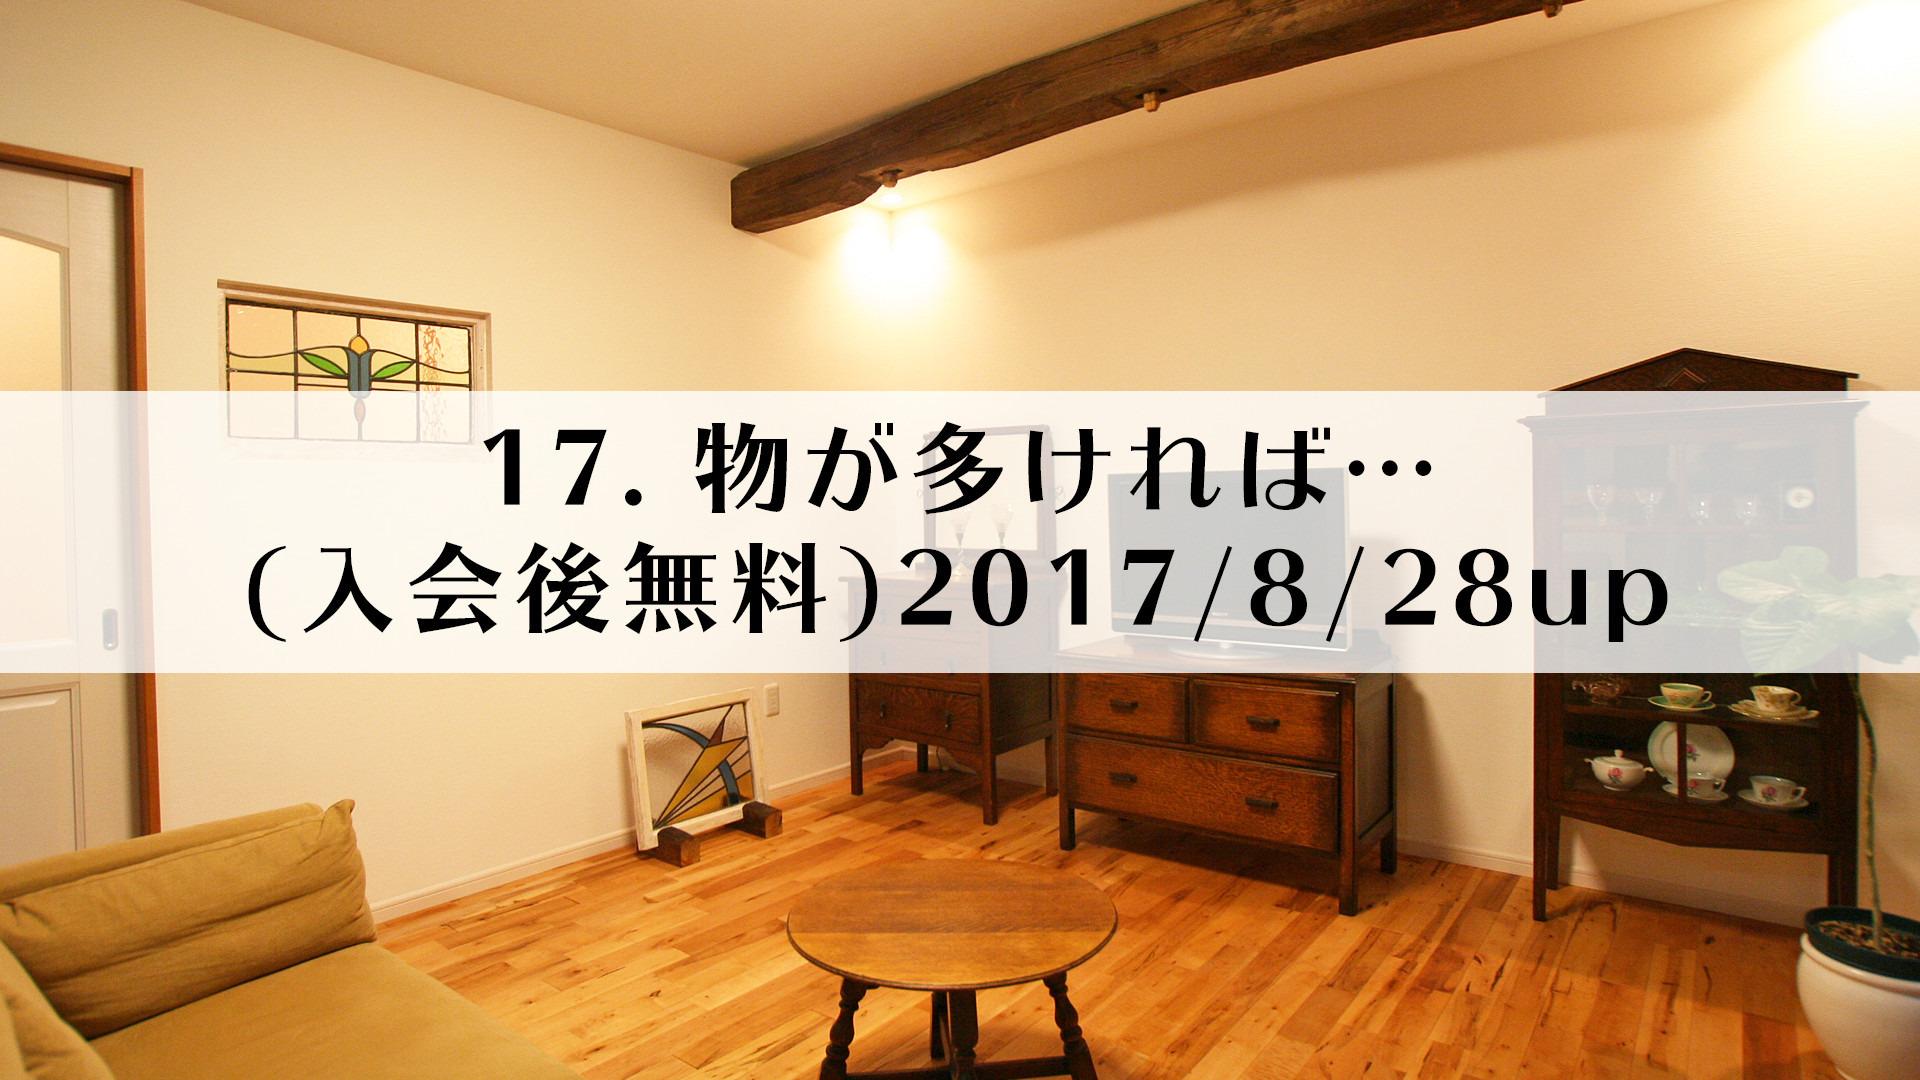 17.物が多ければ…(入会後無料)2017/8/28up